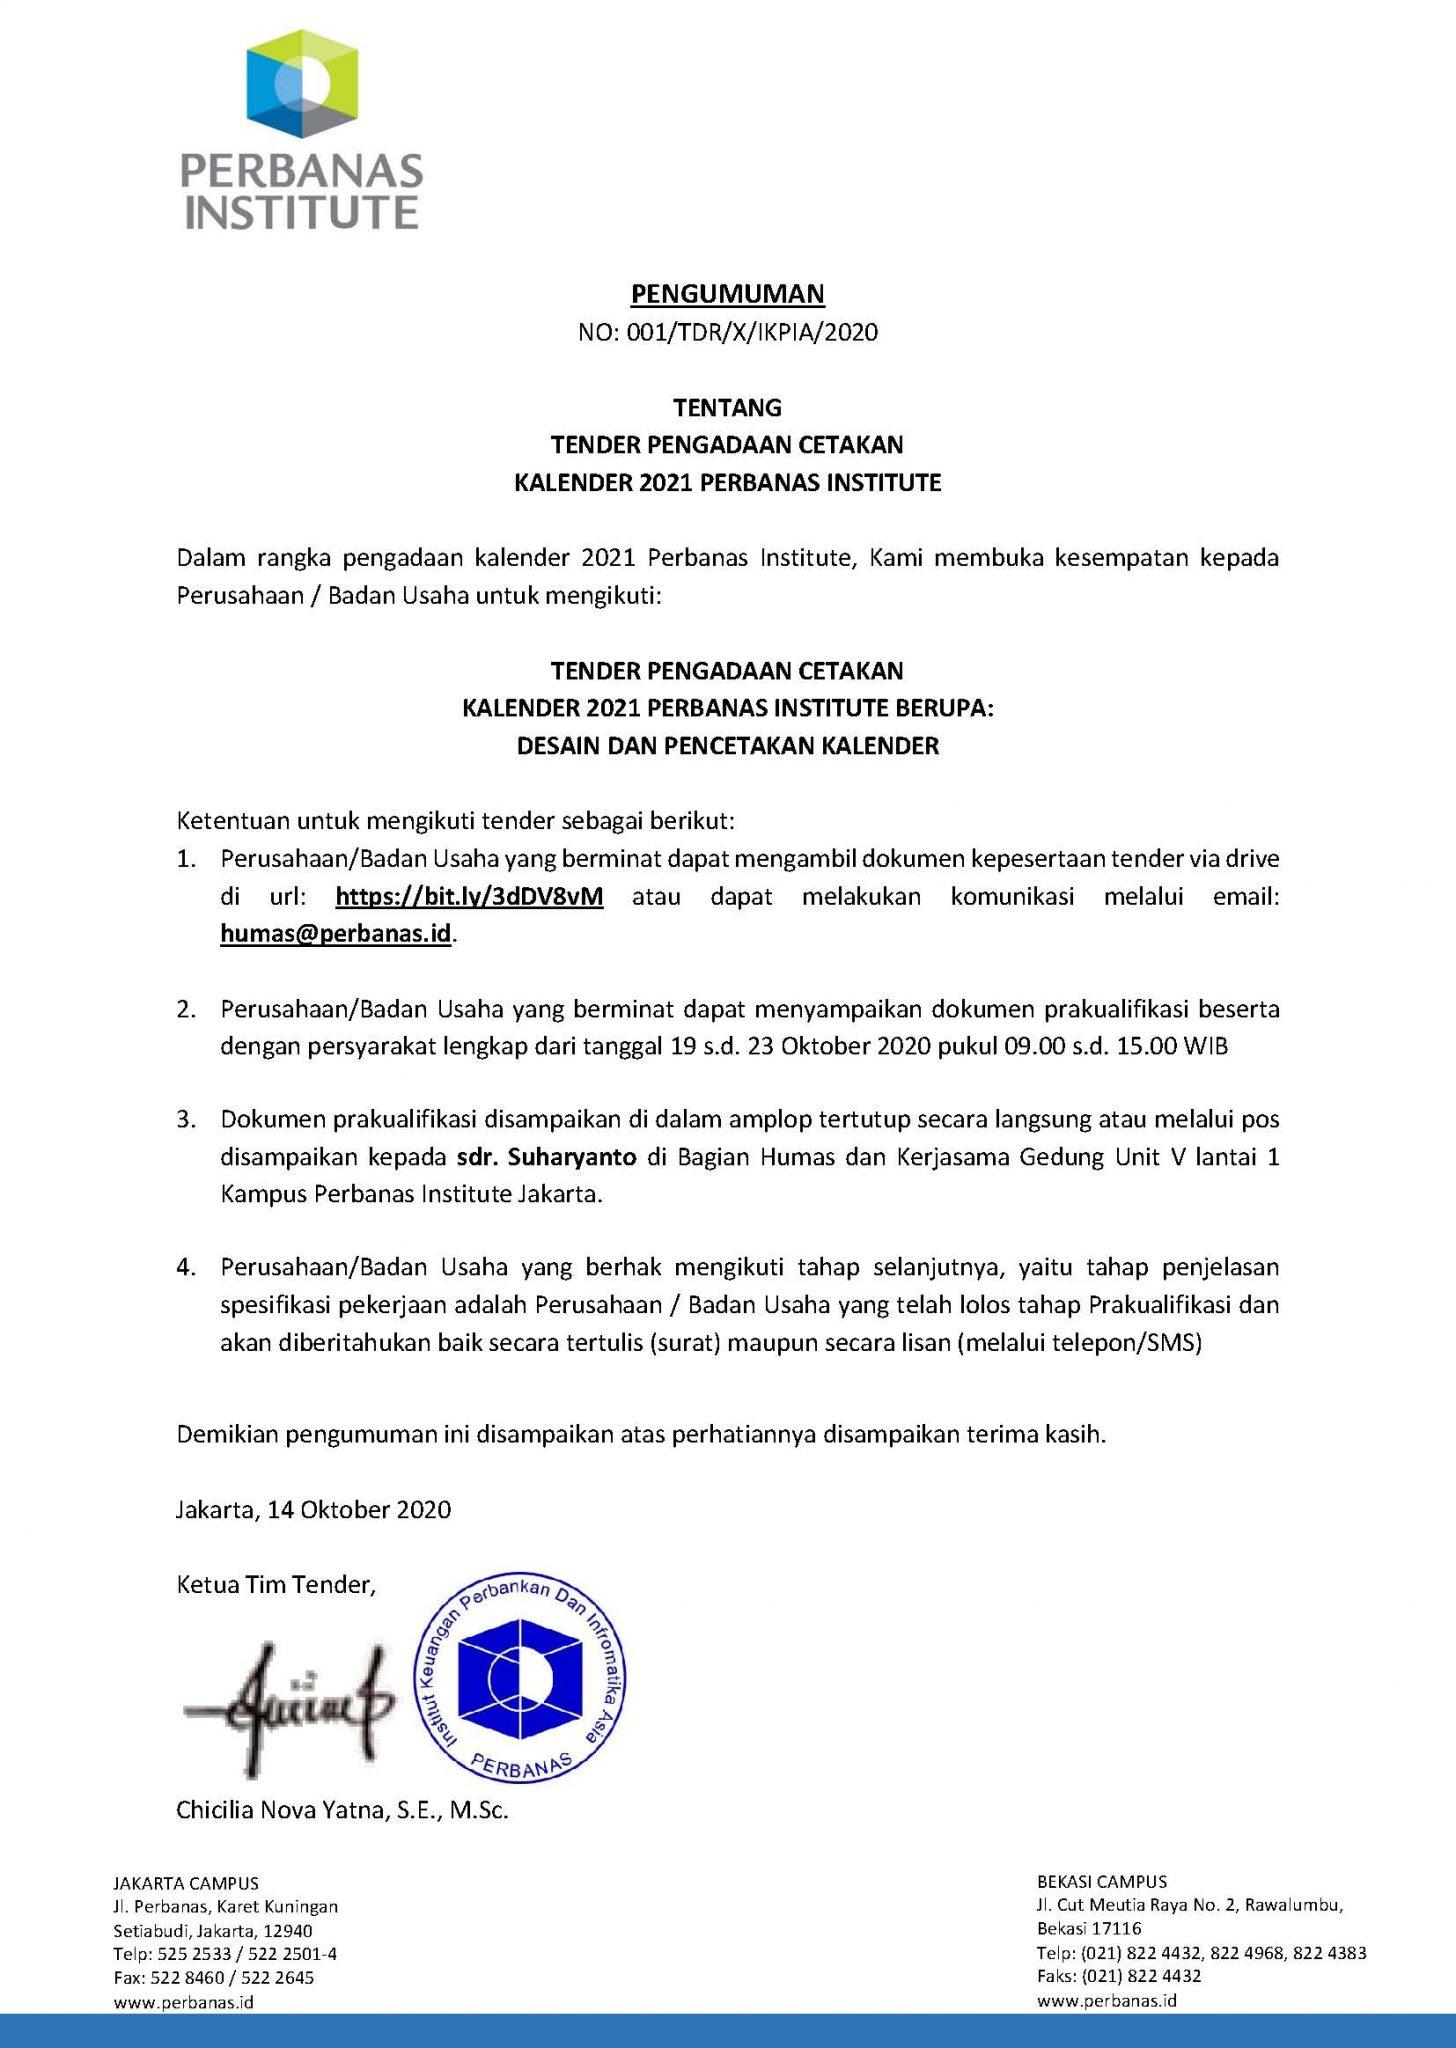 PENGUMUMAN TENTANG TENDER PENGADAAN CETAKAN KALENDER 2021 PERBANAS INSTITUTE